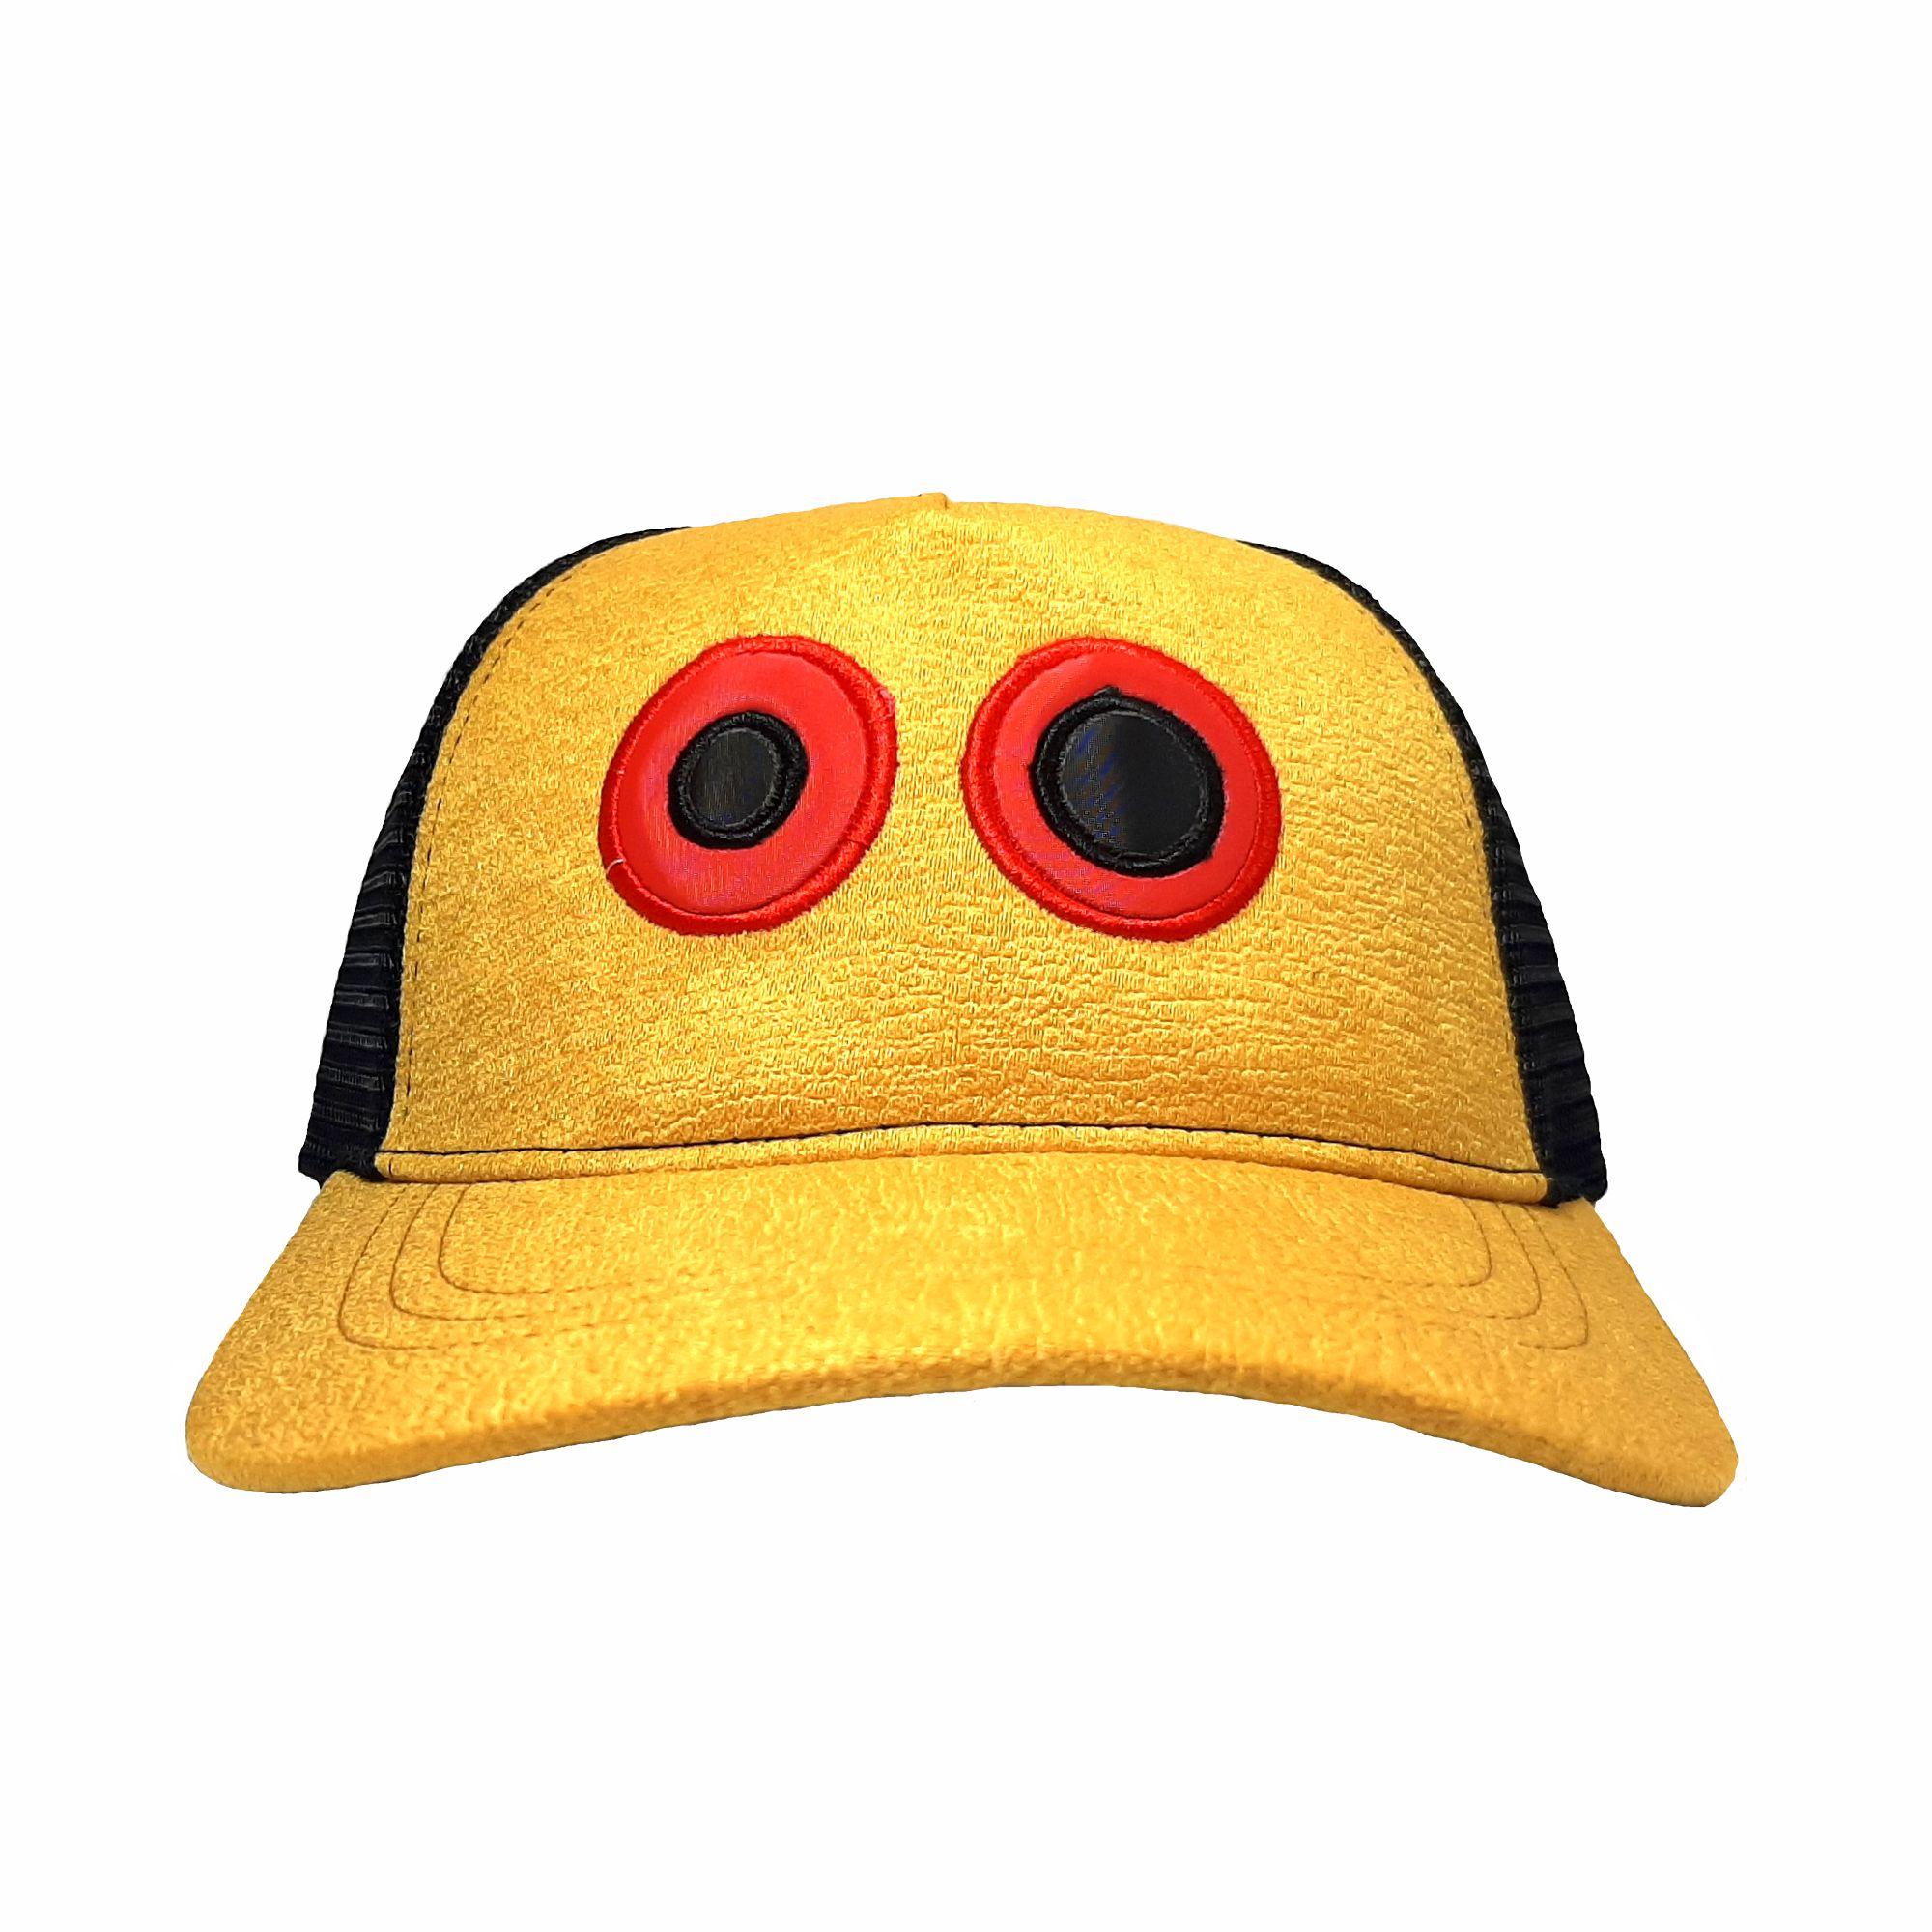 ref 1620 Gorra lona amarillo dorado y visera amarillo dorado, con maya negra ojos bordados grandes 1 $37.000 talla unica